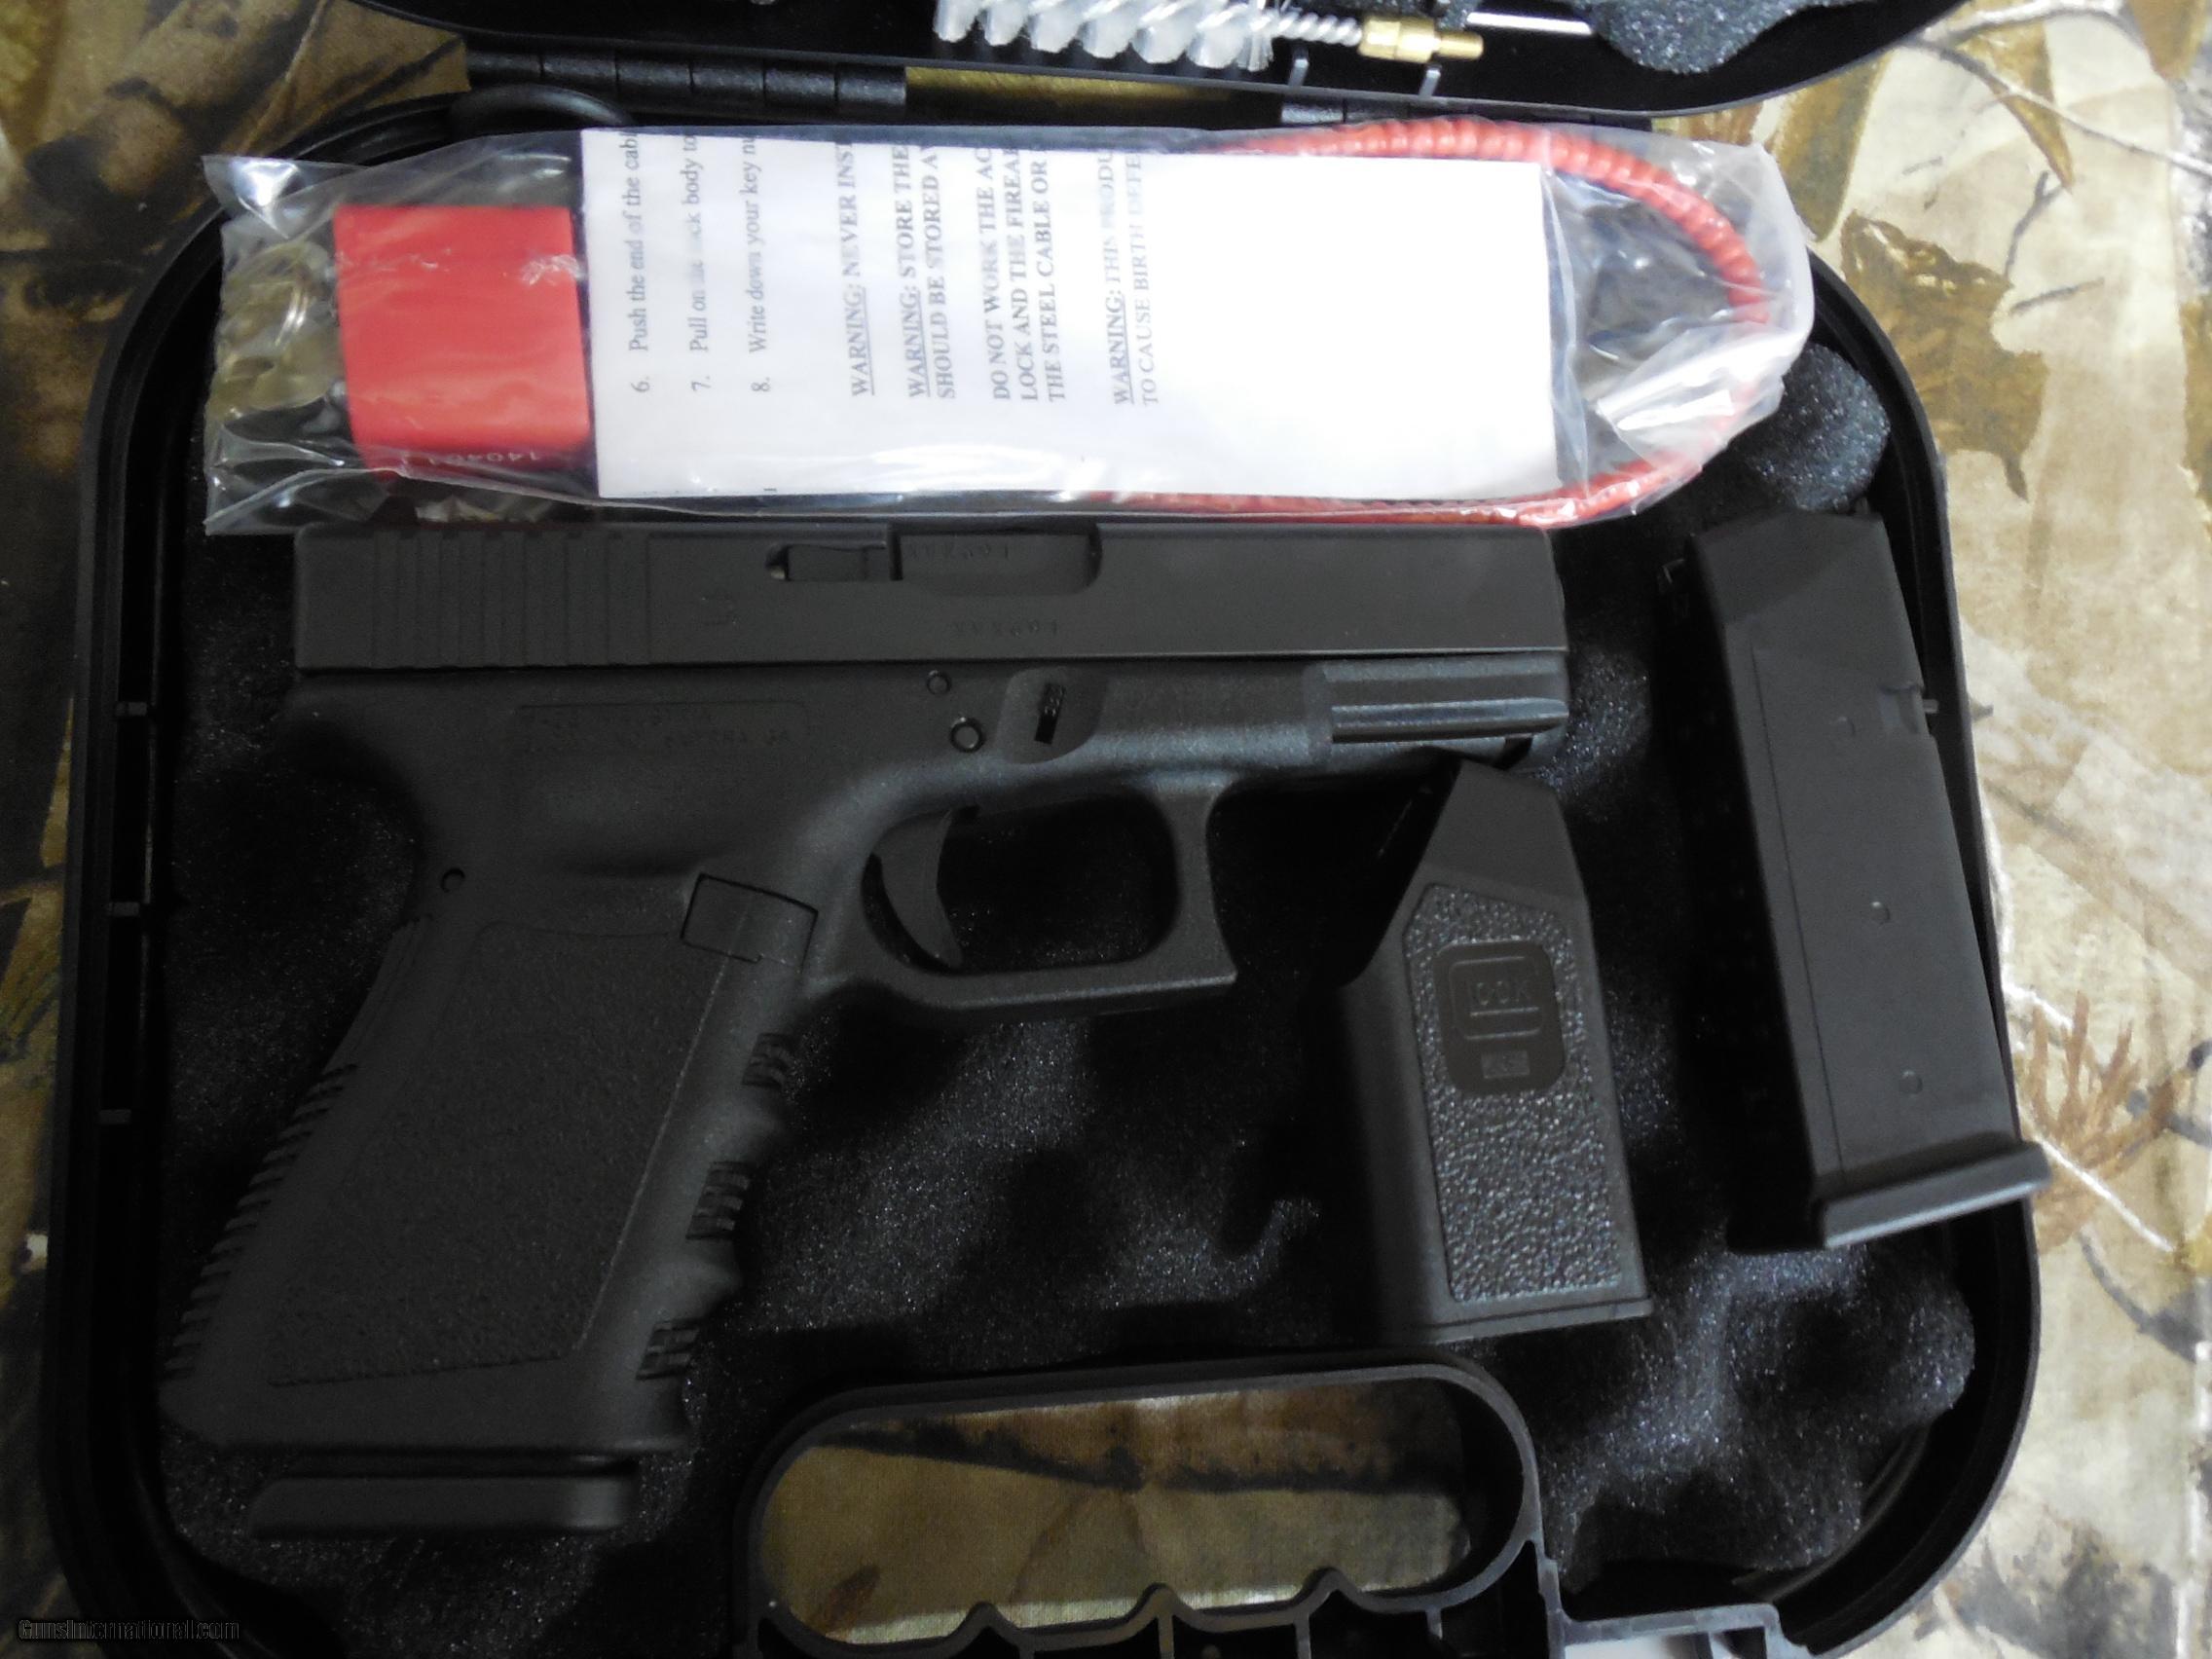 Glock g 32 357 sig gen 3 13 1 round mag two magazines 40 glock g 32 357 sig gen 3 publicscrutiny Images